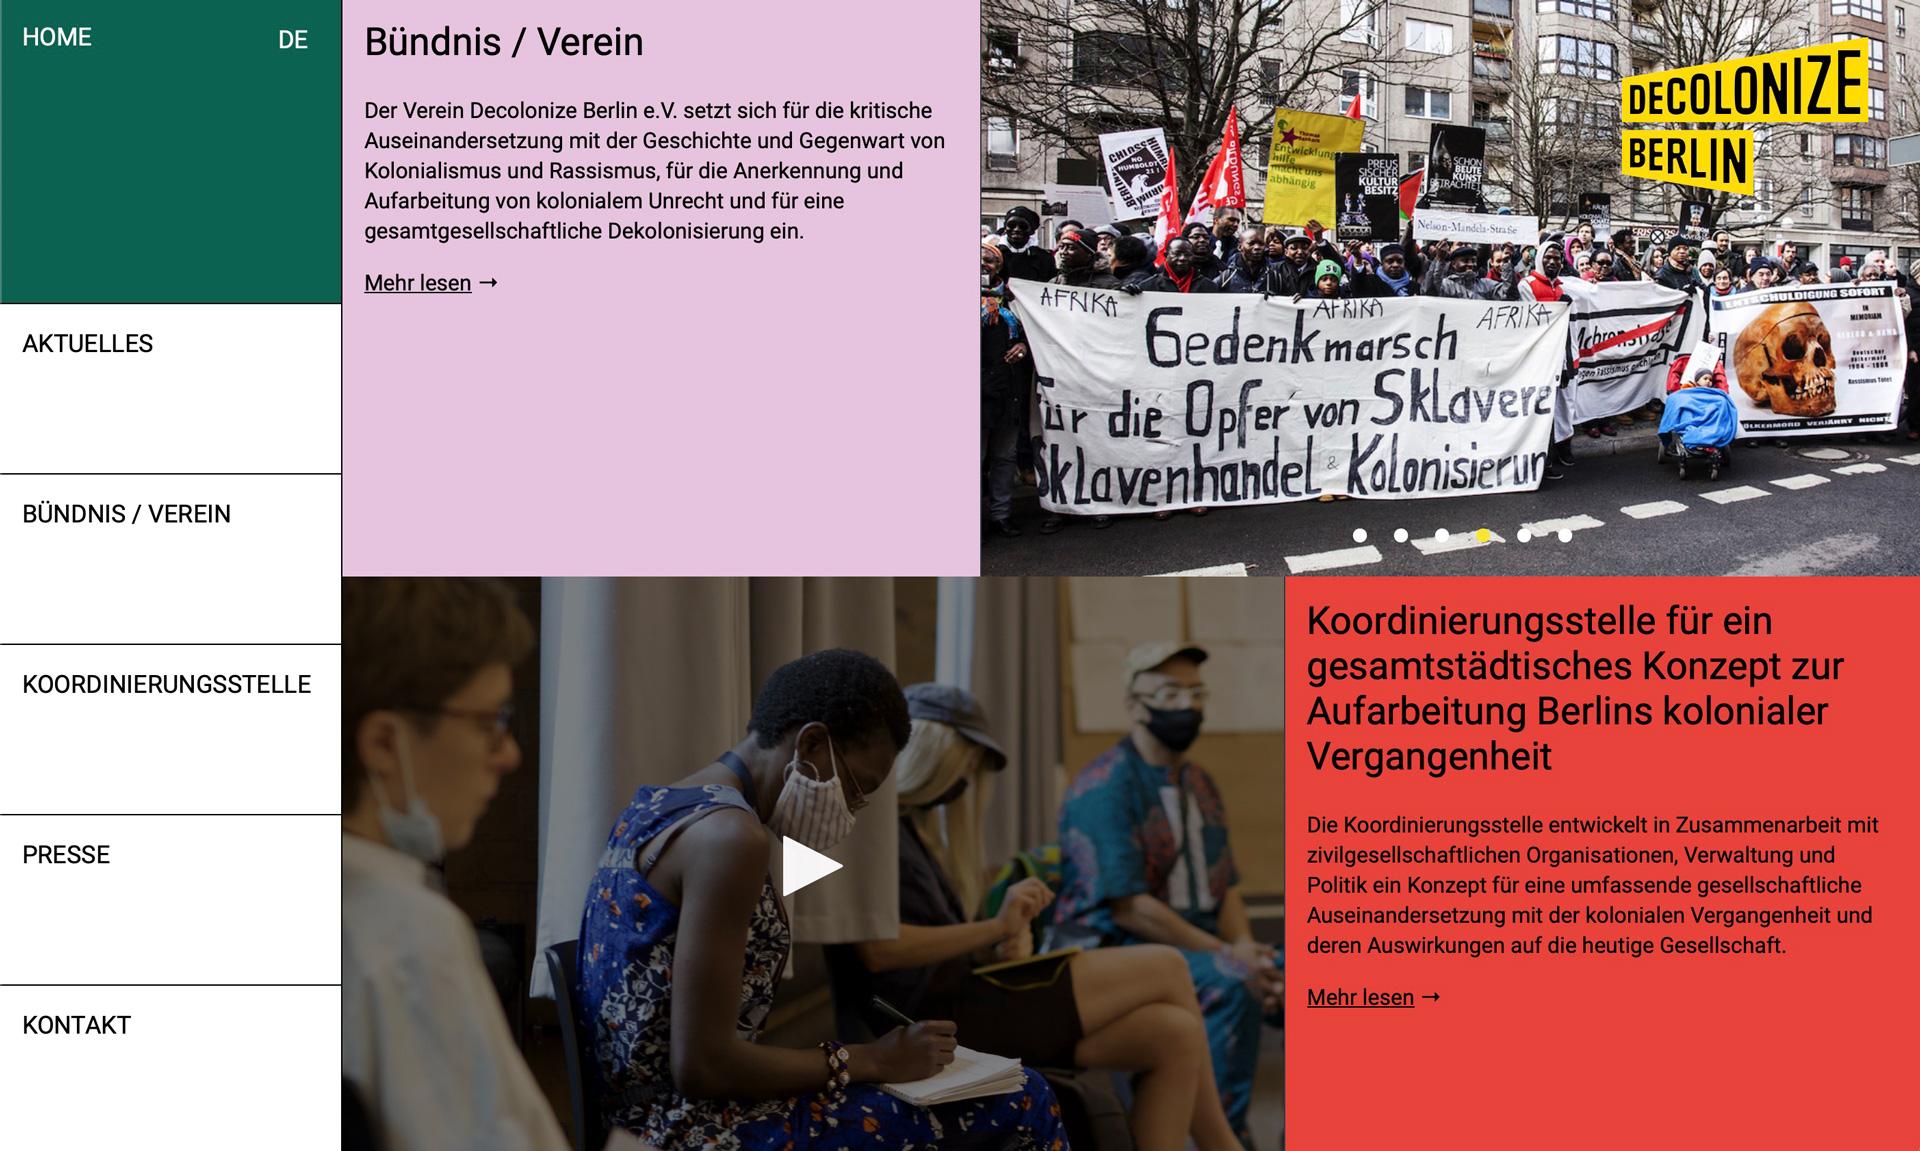 Decolonize Berlin